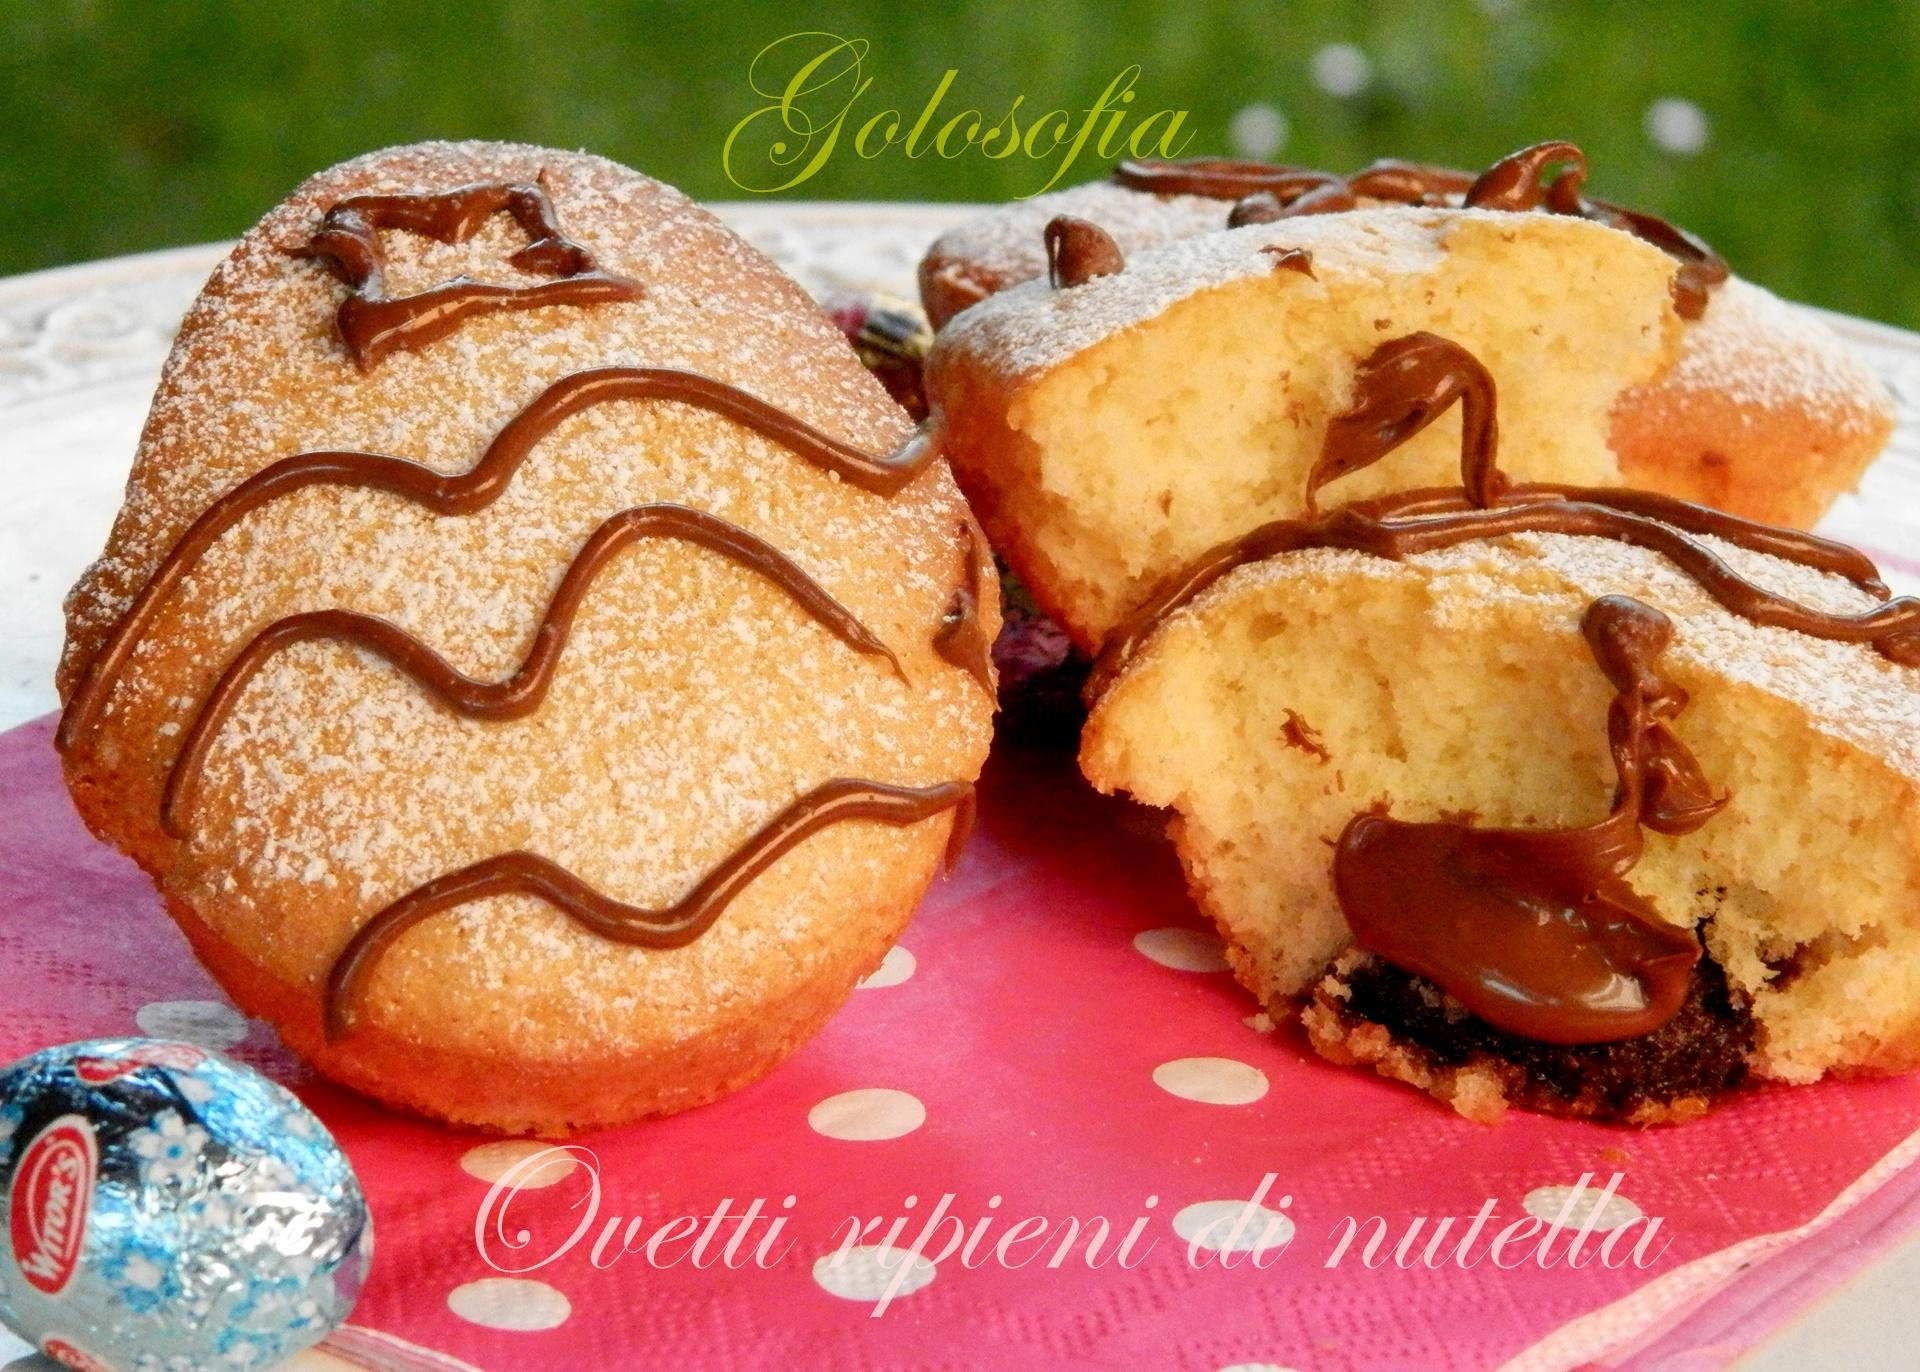 Ovetti ripieni di nutella-ricetta dolci-golosofia